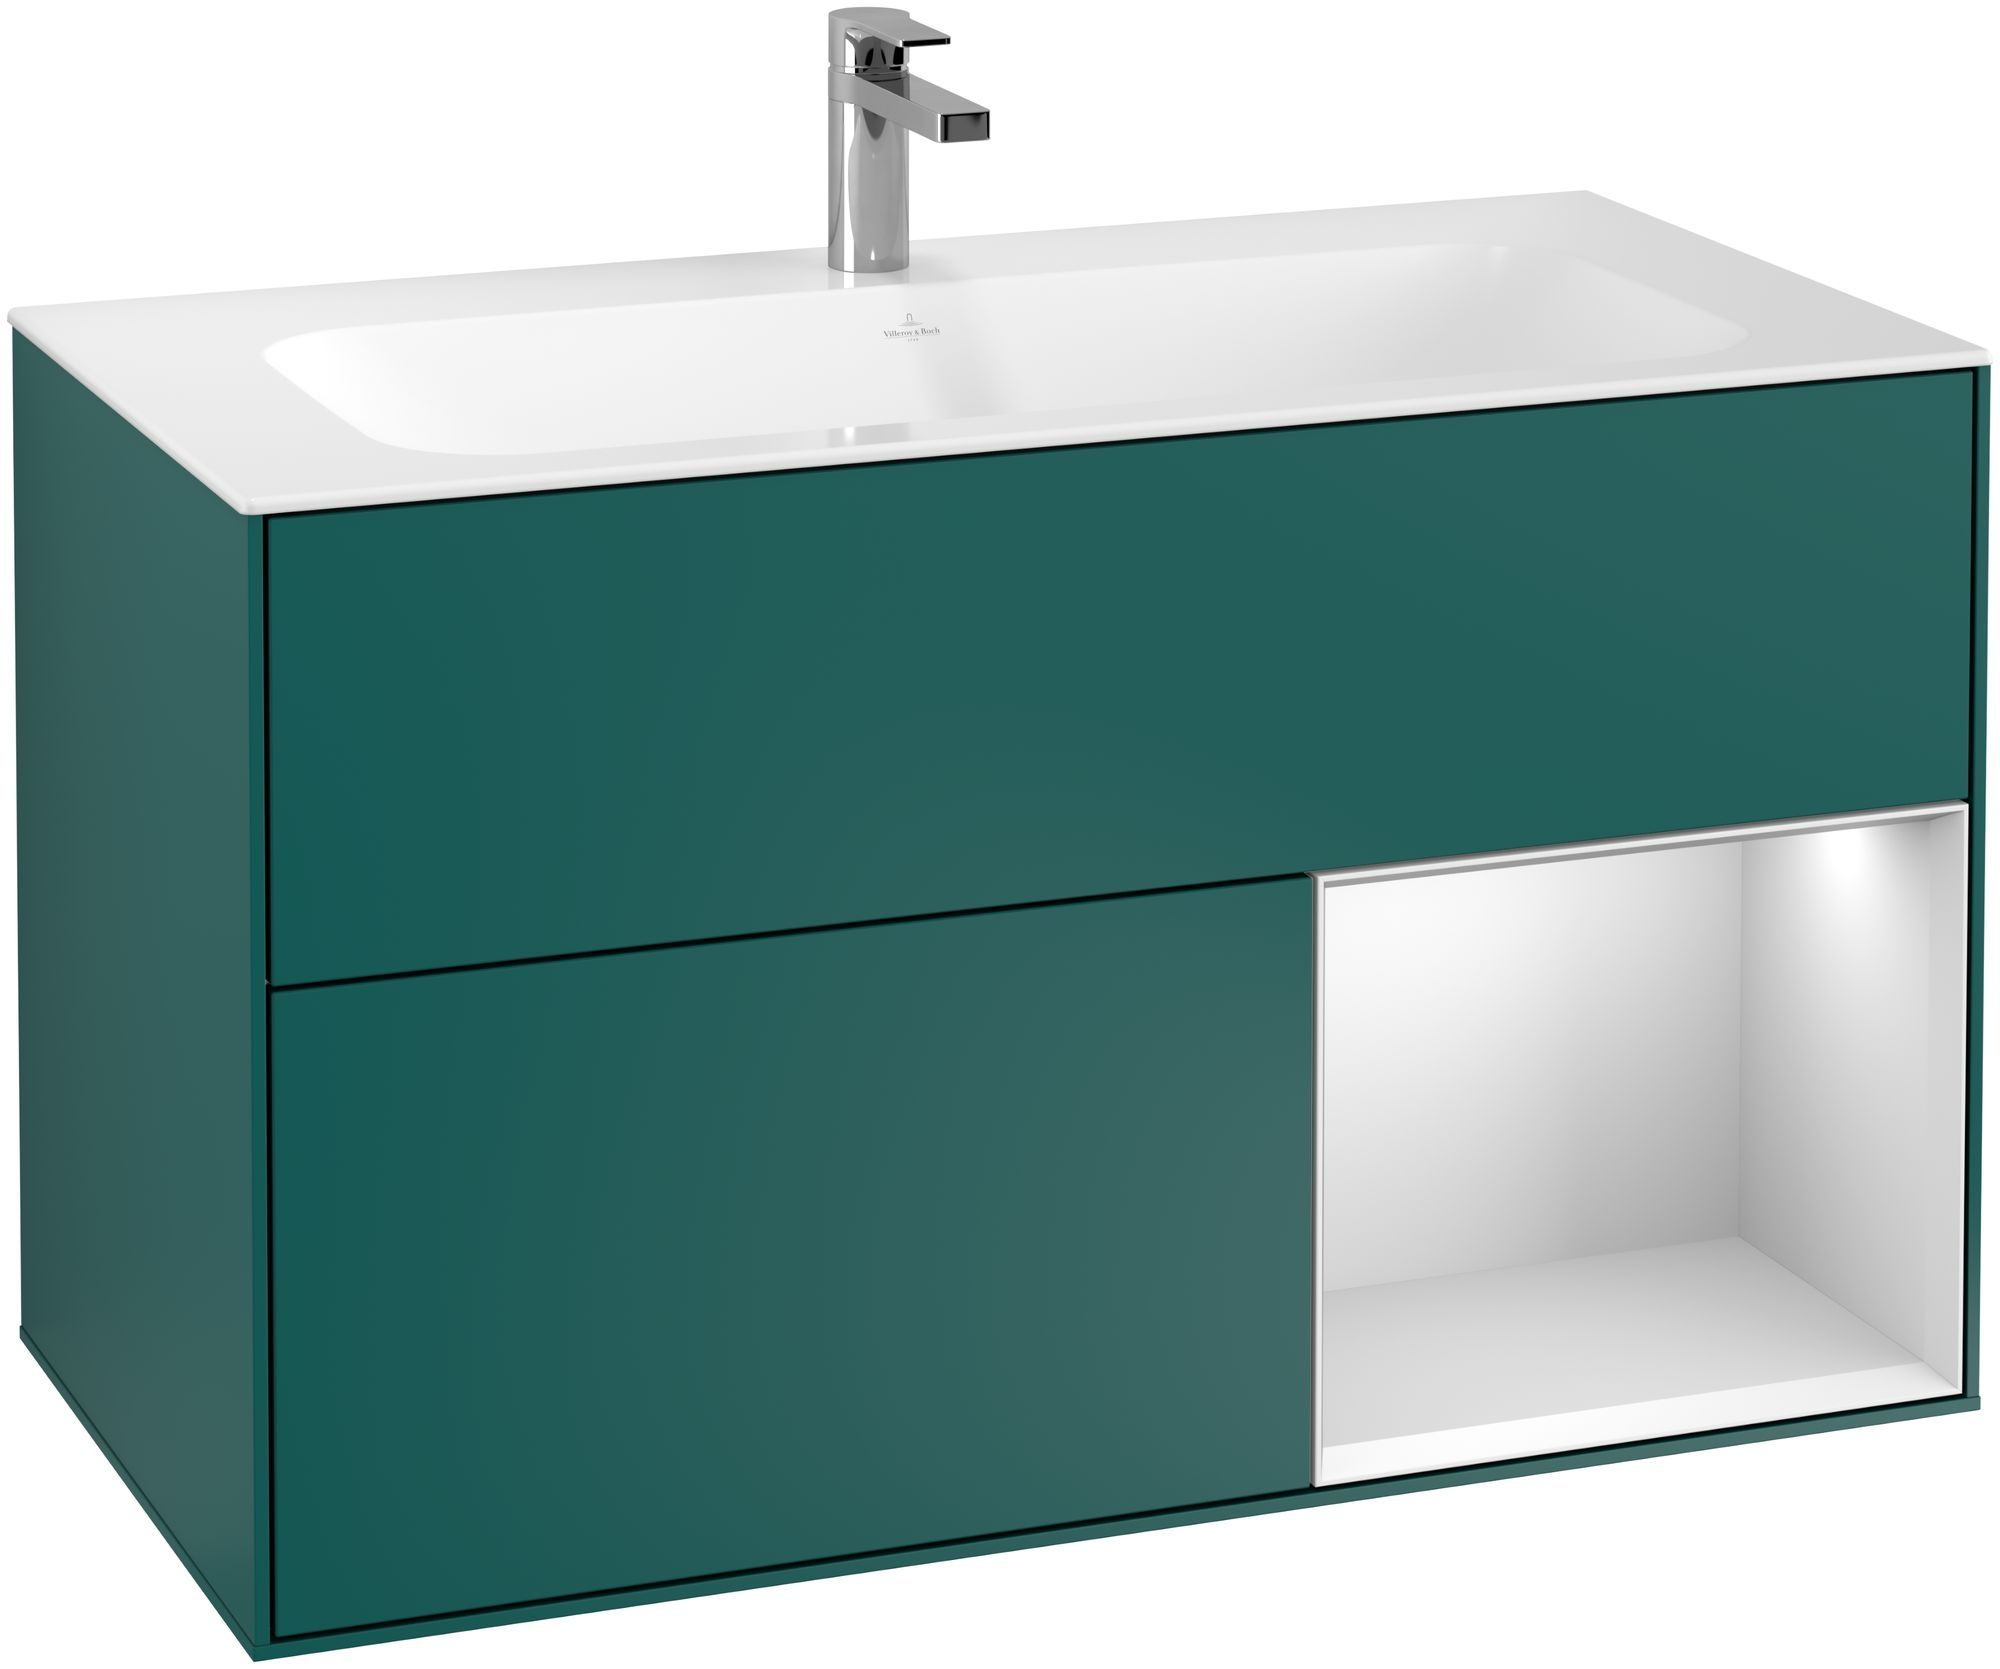 Villeroy & Boch Finion F04 Waschtischunterschrank mit Regalelement 2 Auszüge LED-Beleuchtung B:99,6xH:59,1xT:49,8cm Front, Korpus: Cedar, Regal: Weiß Matt Soft Grey F040MTGS